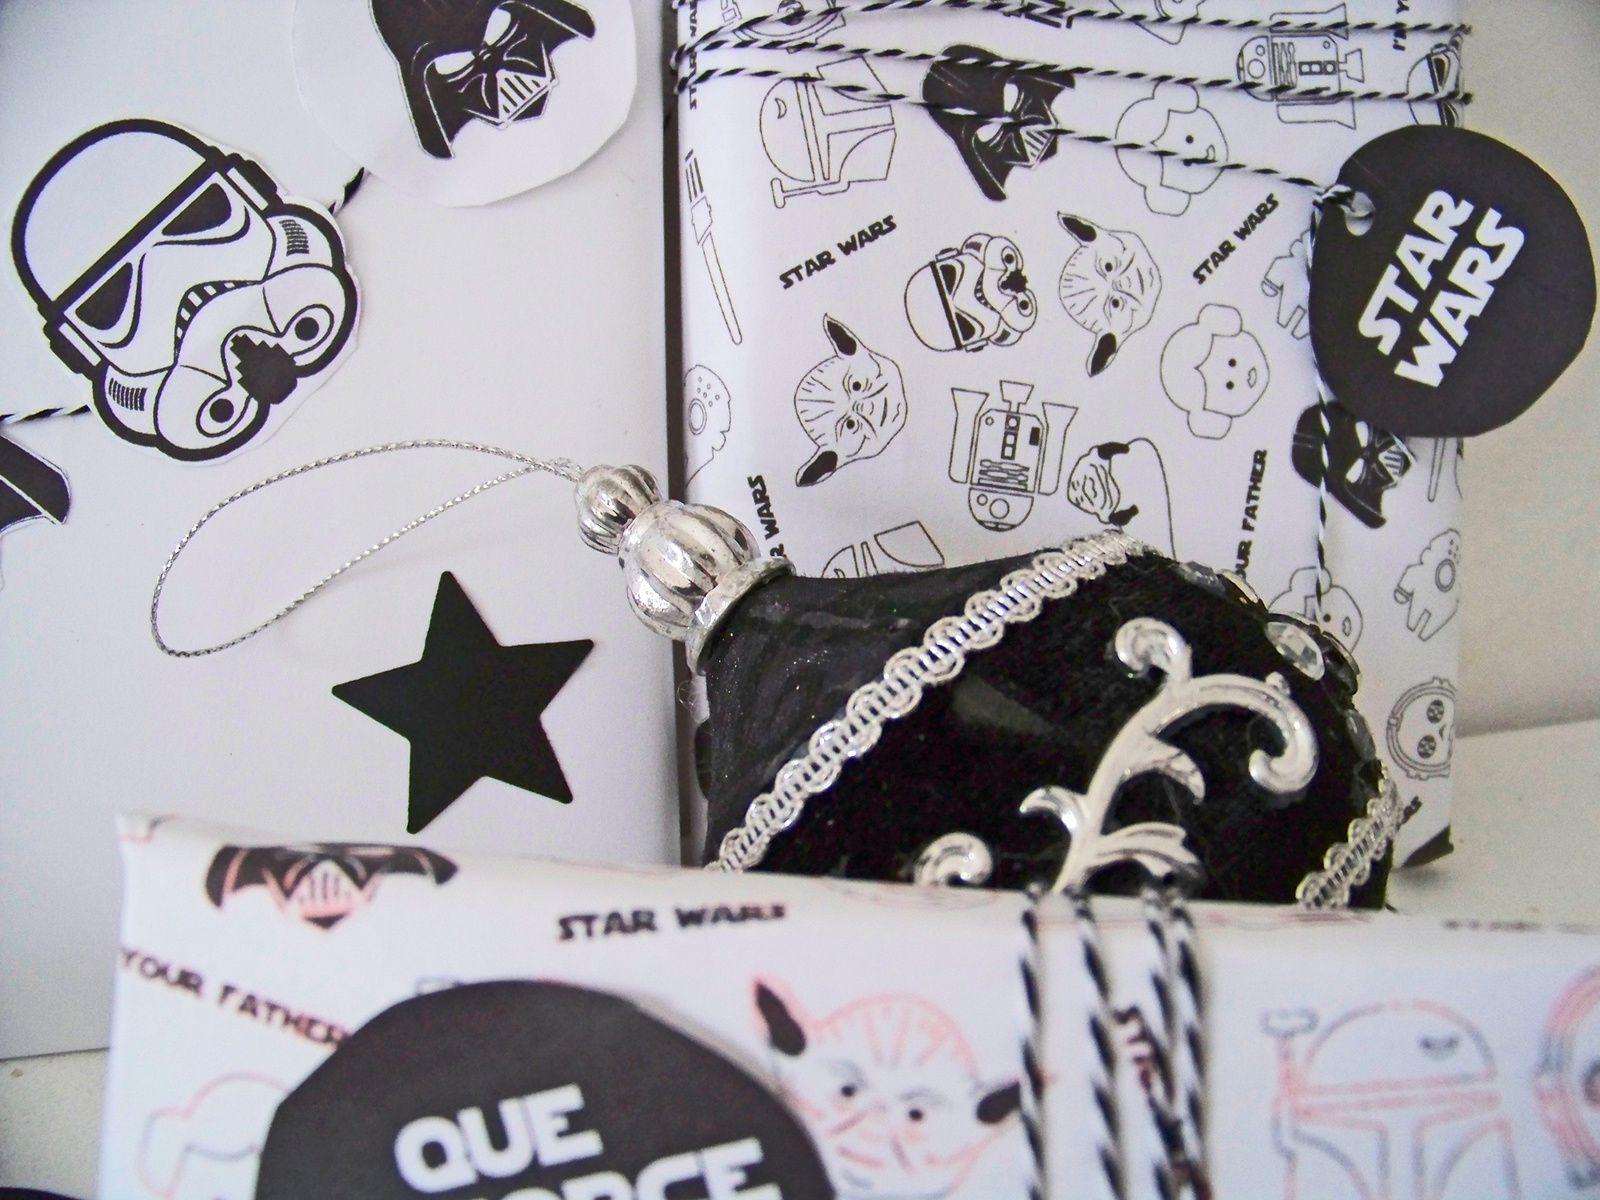 Les paquets cadeaux pour fans de Star wars !